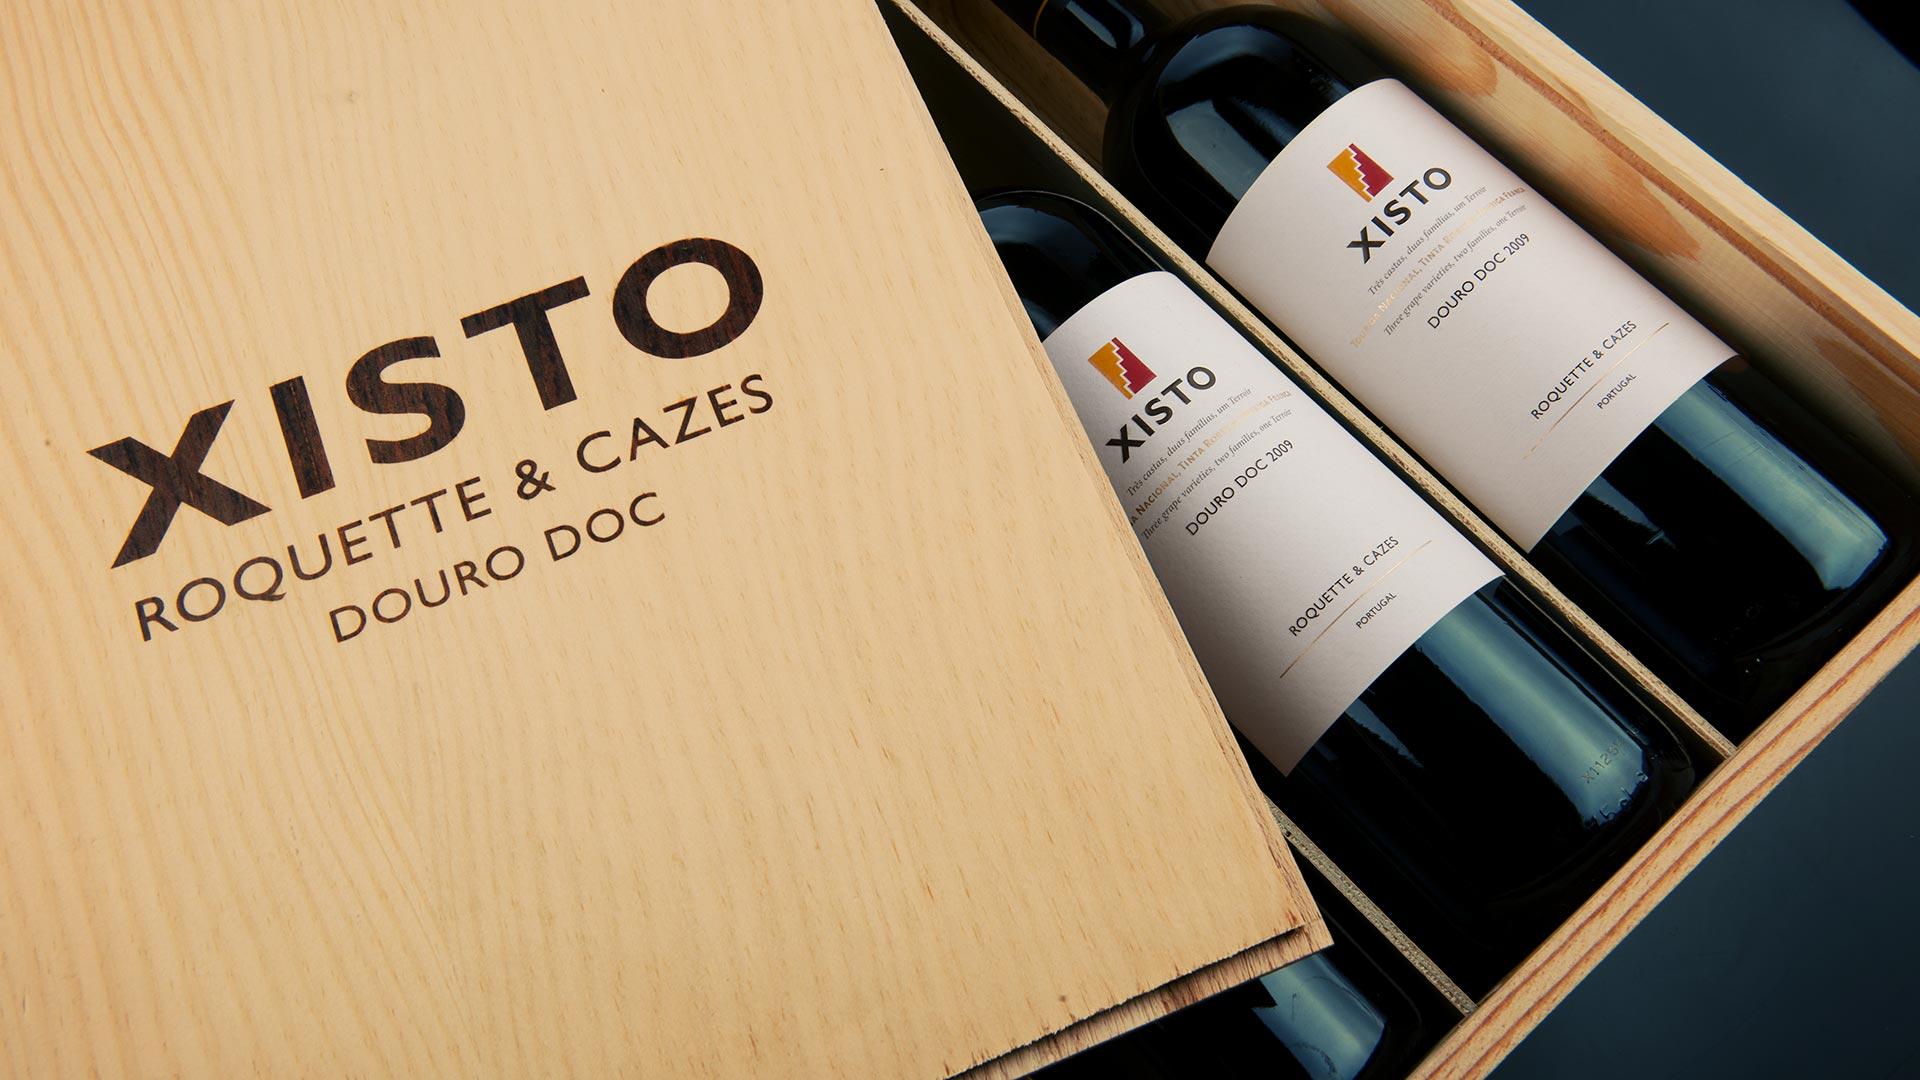 Xisto – Roquette & Cazes